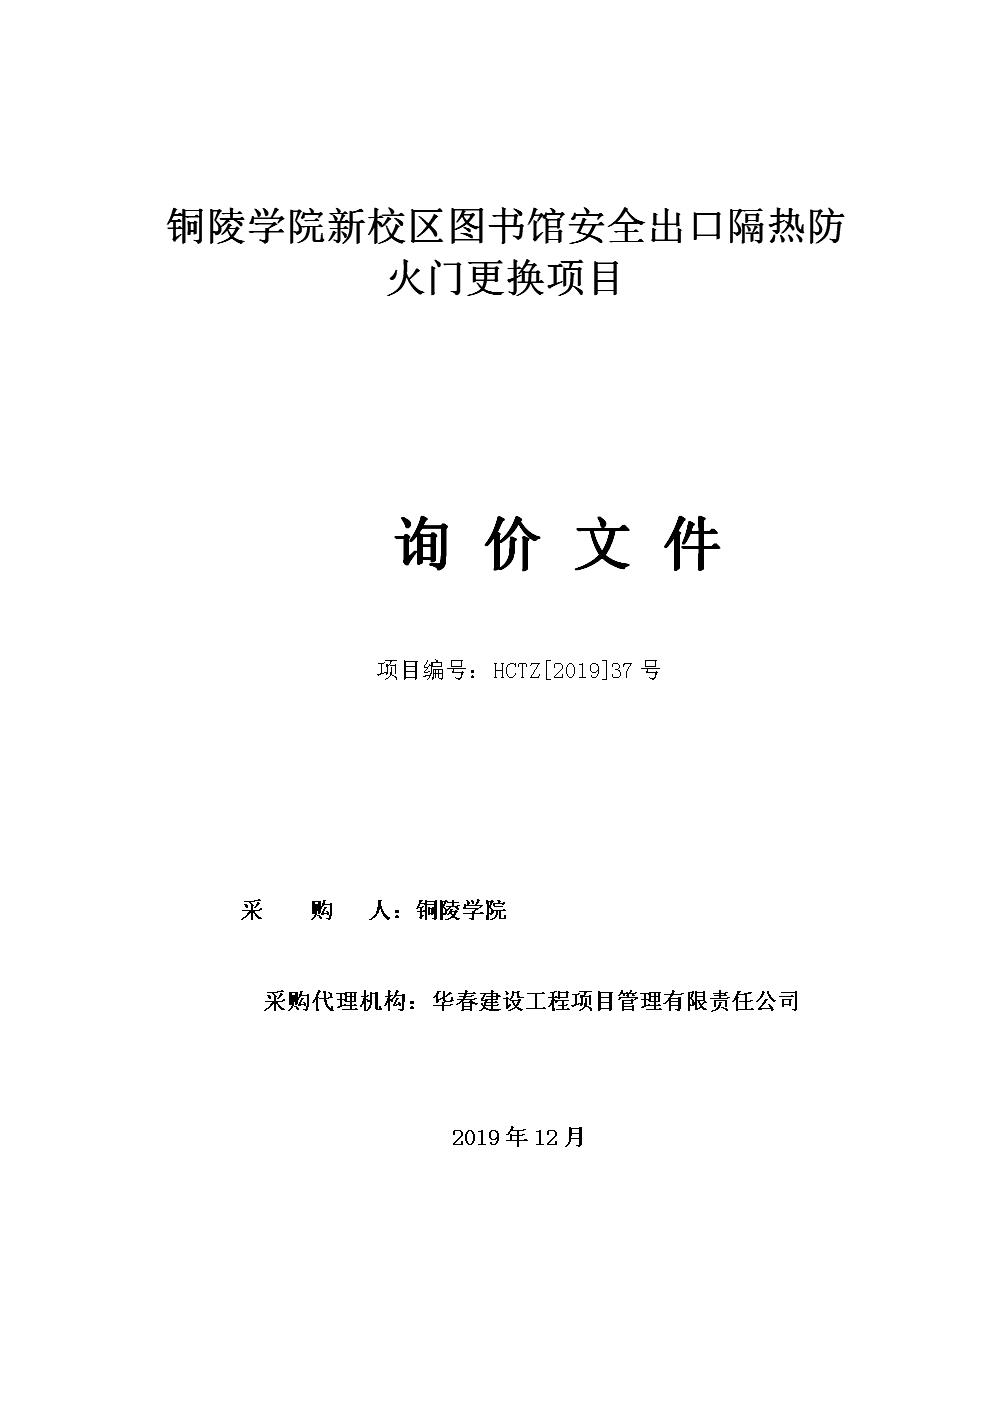 铜陵学院新校区图书馆安全出口隔热防火门更换项目.doc